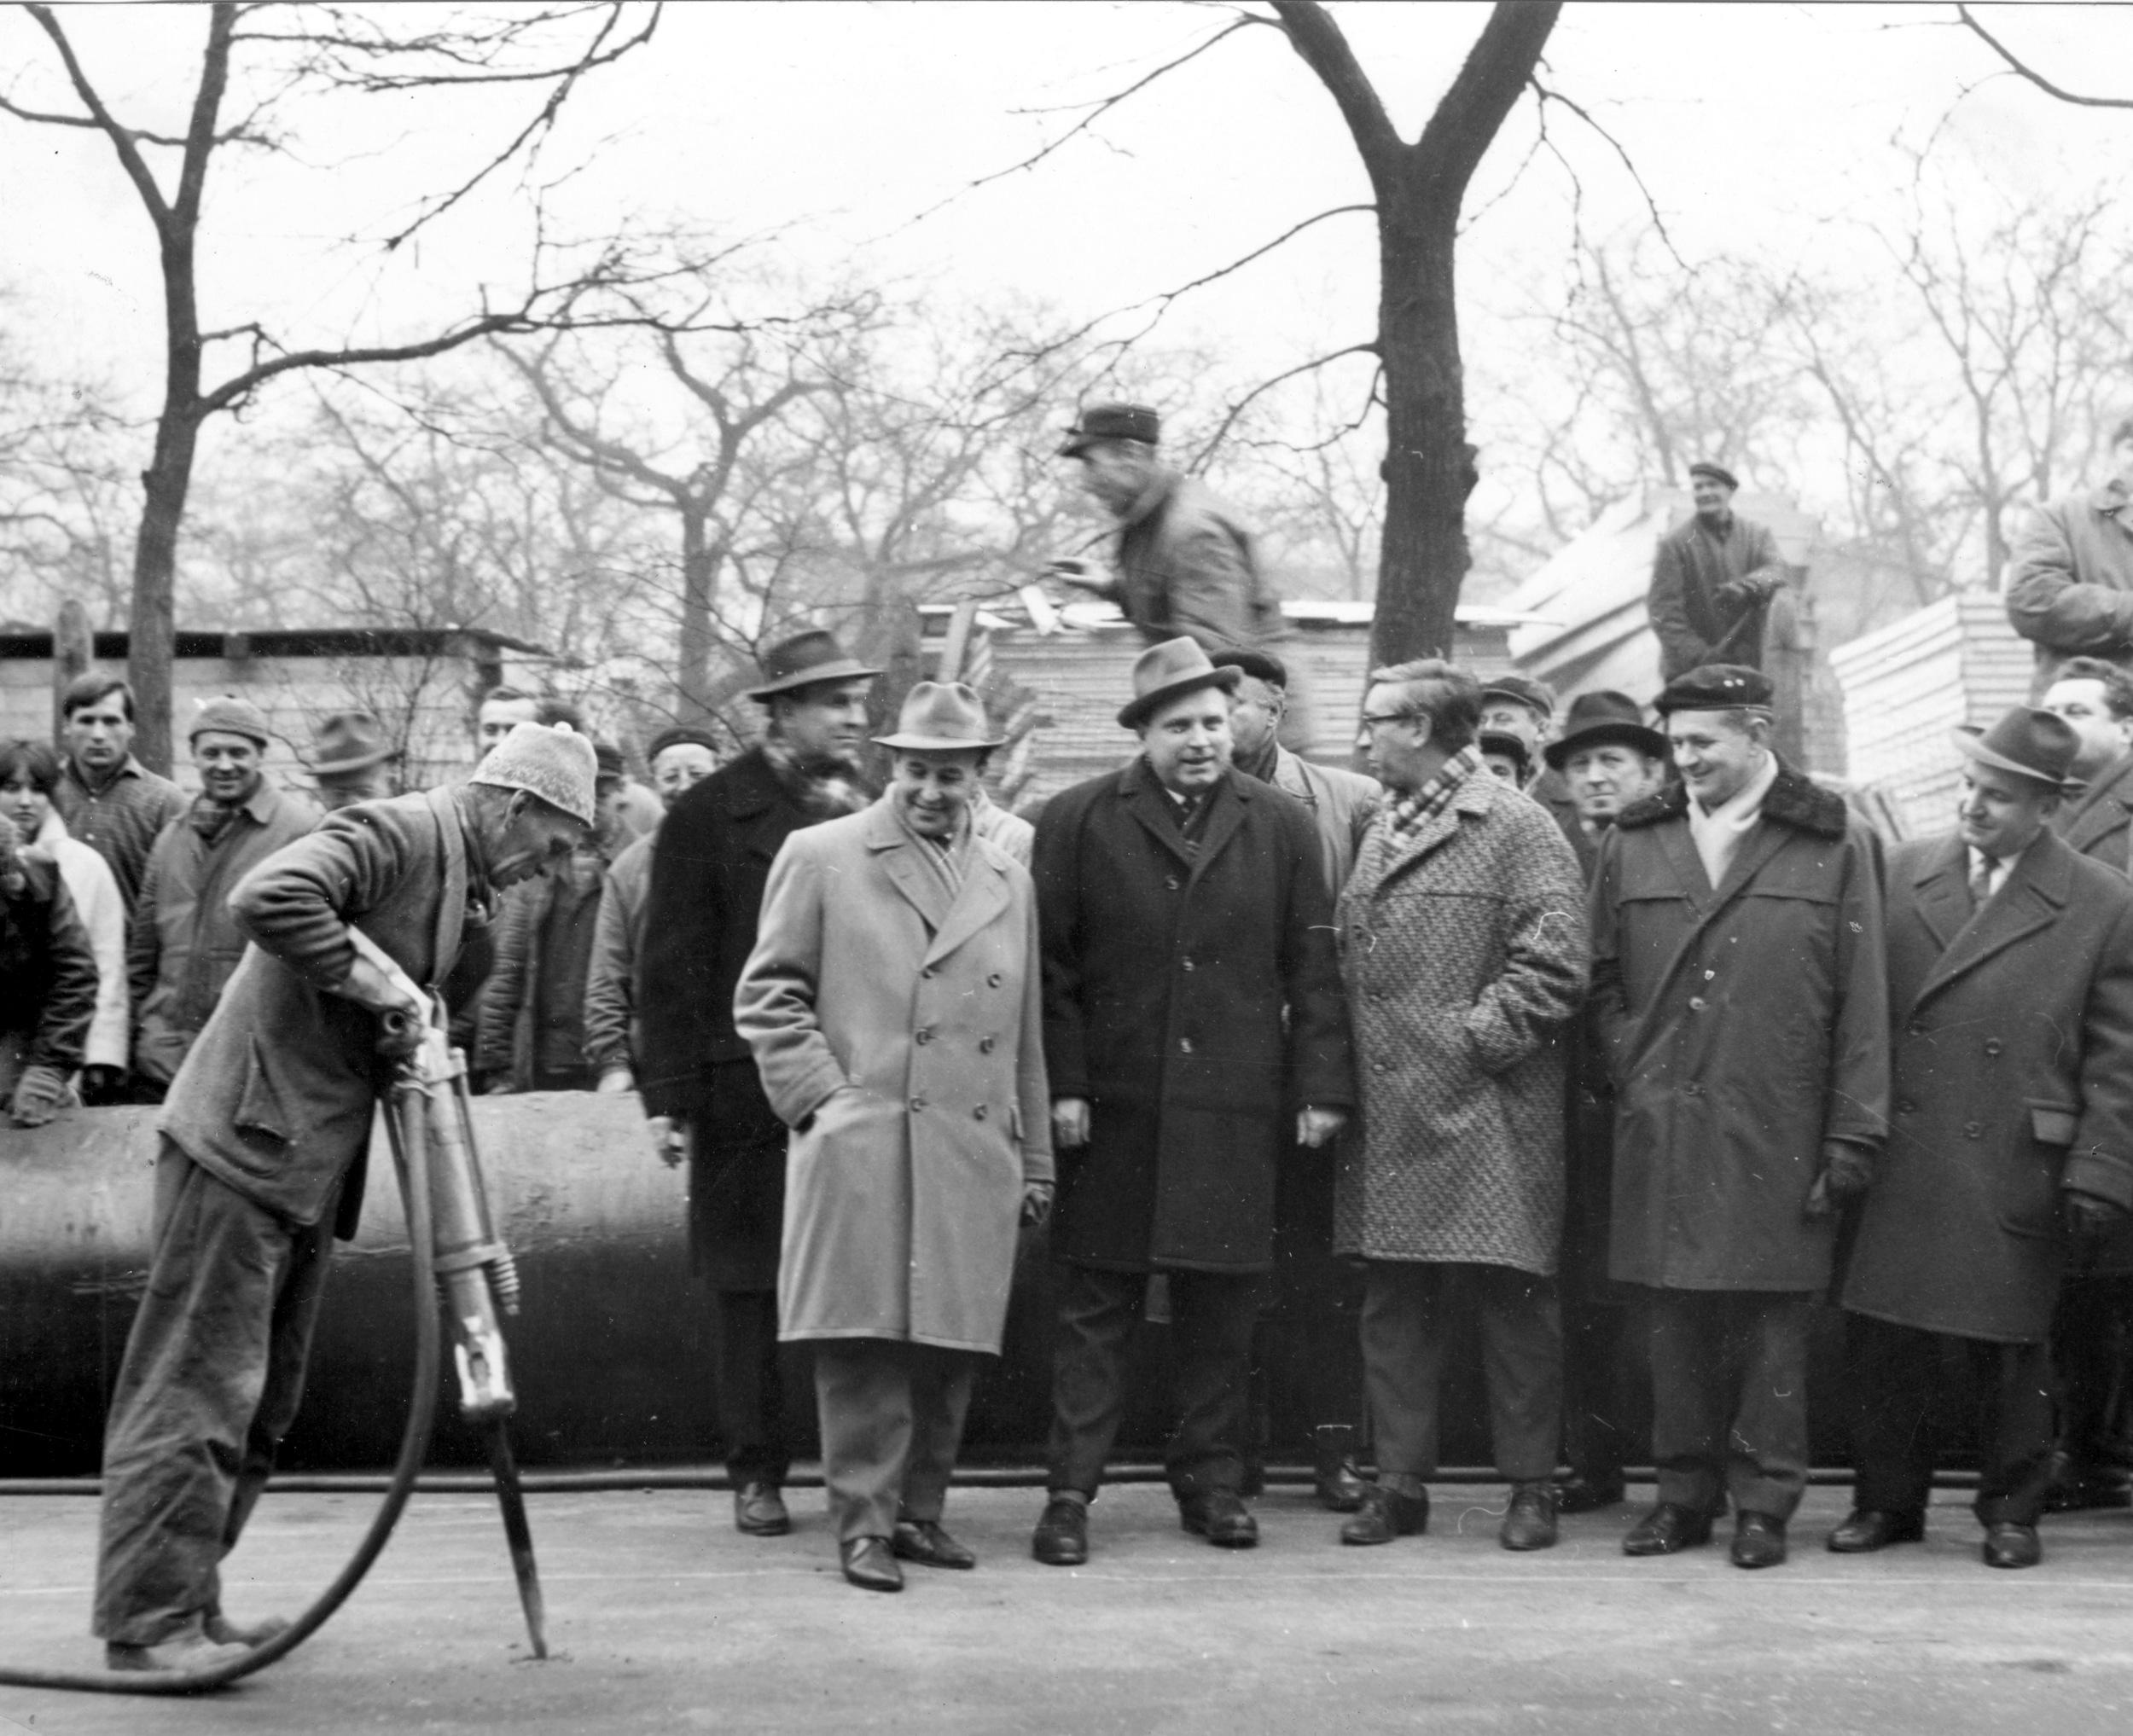 Dělník Bartoš se právě zapisuje do dějin. Jeho pneumatické kladivo symbolicky zahajuje stavbu pražského metra. Nikdo z přítomných o tom ovšem ještě neví... (foto: archiv DPP)